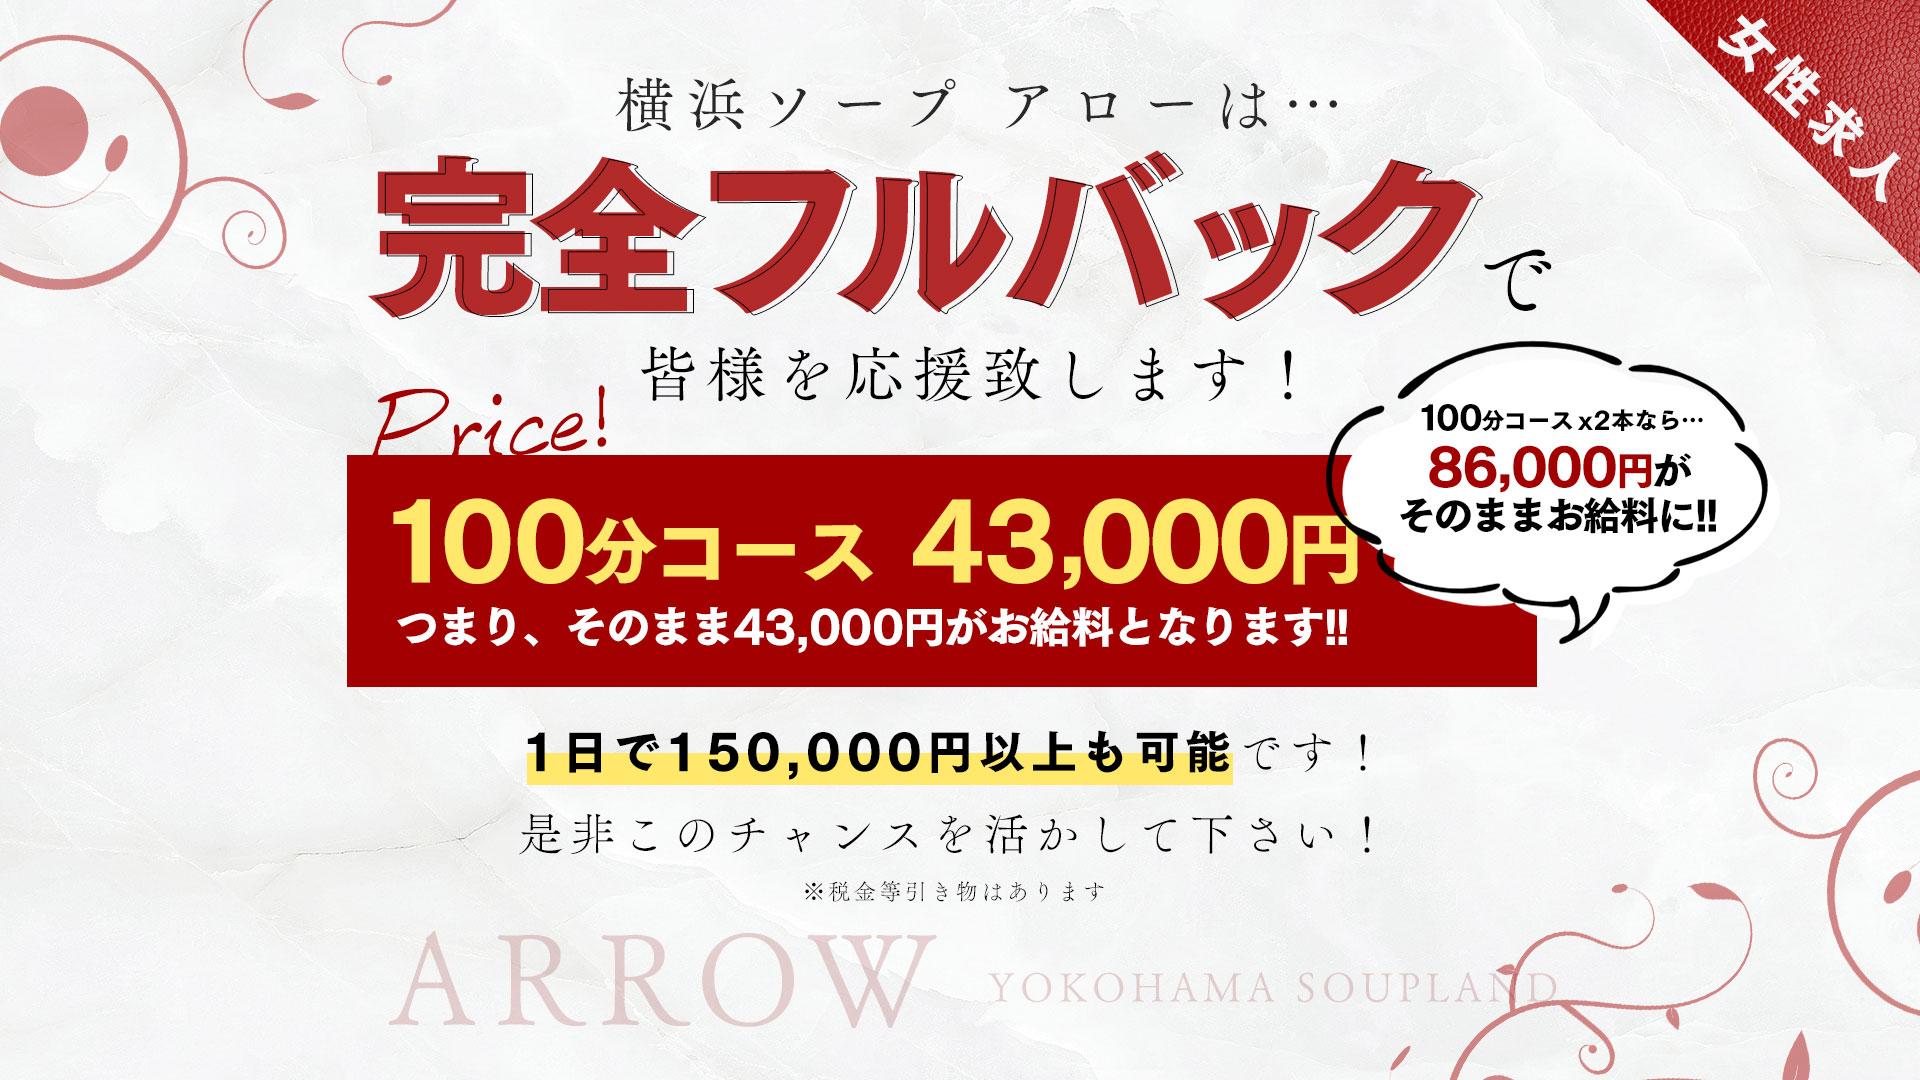 横浜アローの求人画像